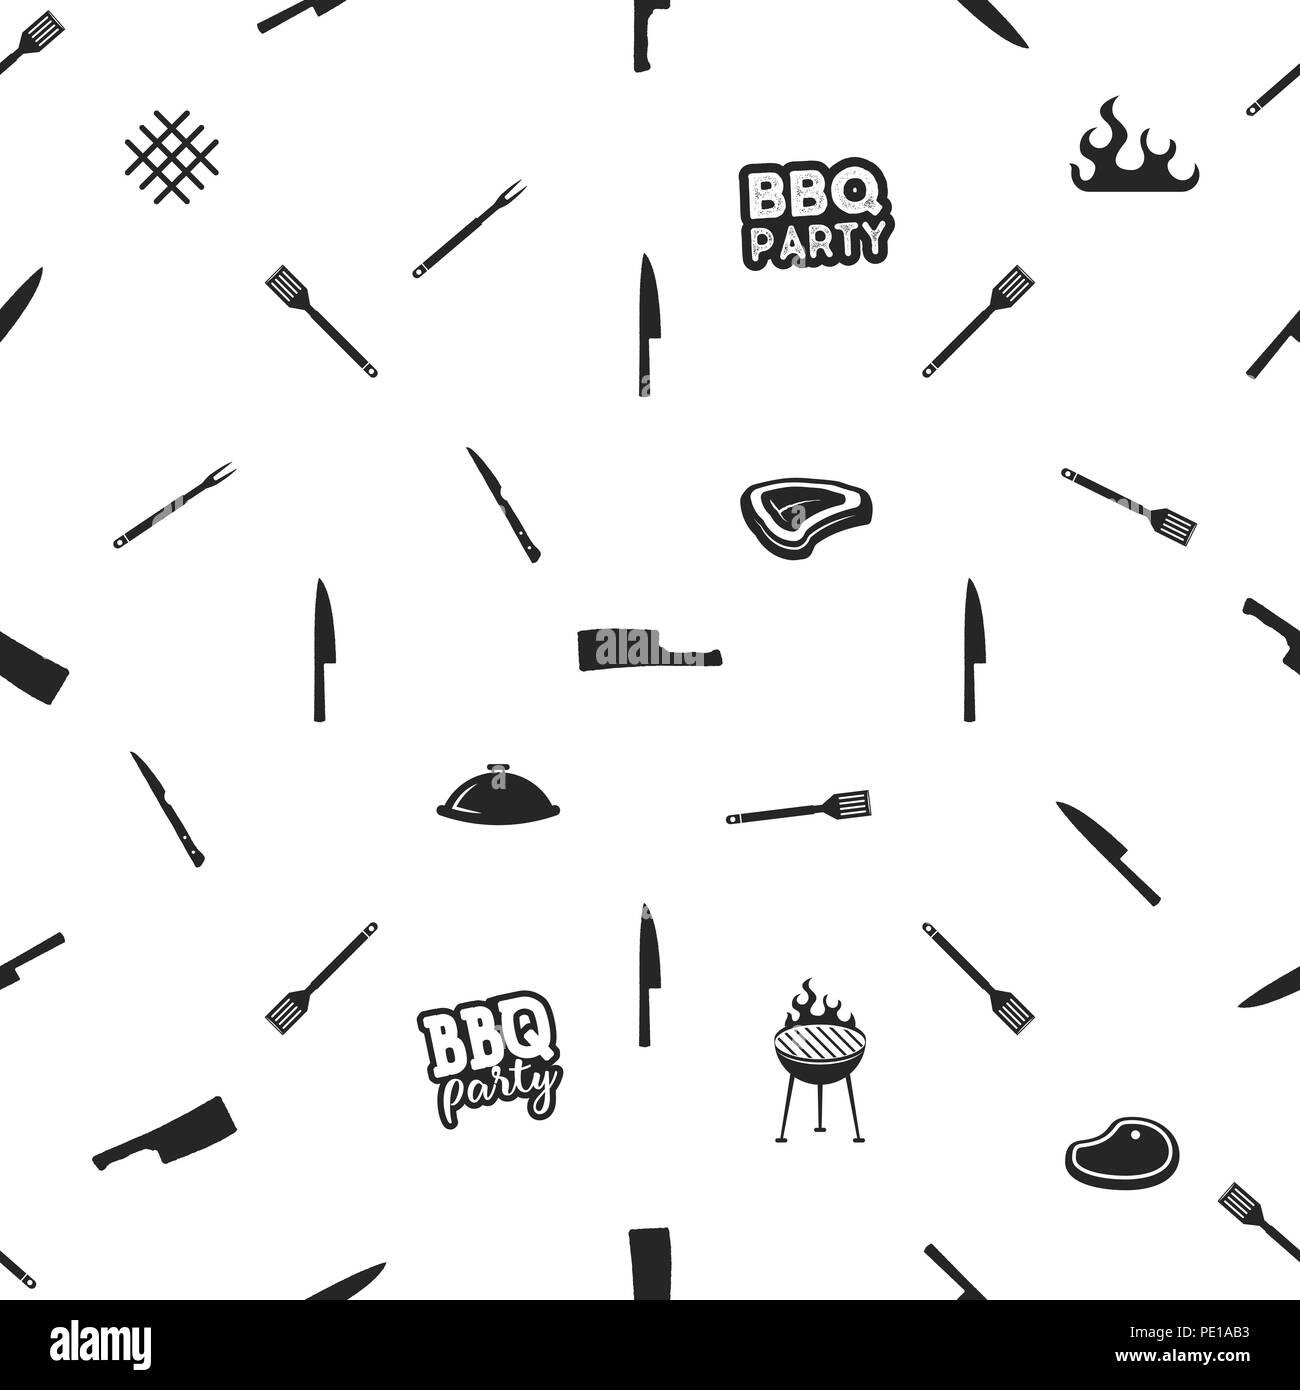 Tematiche barbecue dal design semplice. Modello di barbecue ...